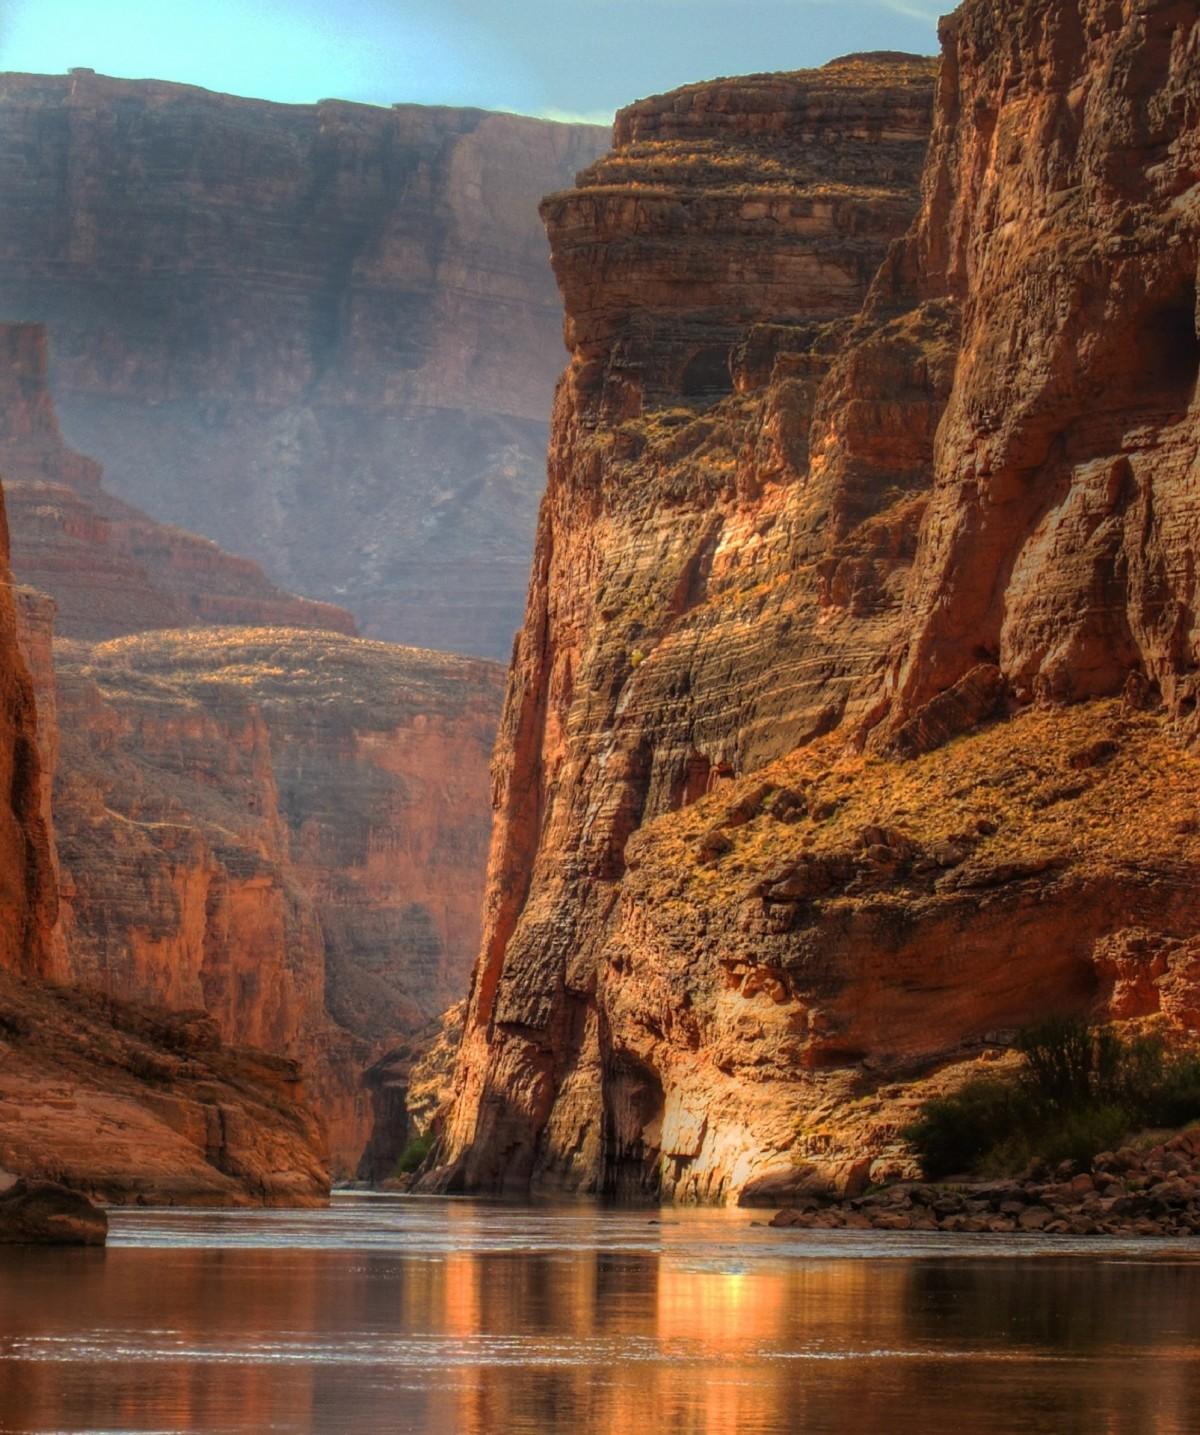 Эксклюзивные картинки каньонов, открытка для